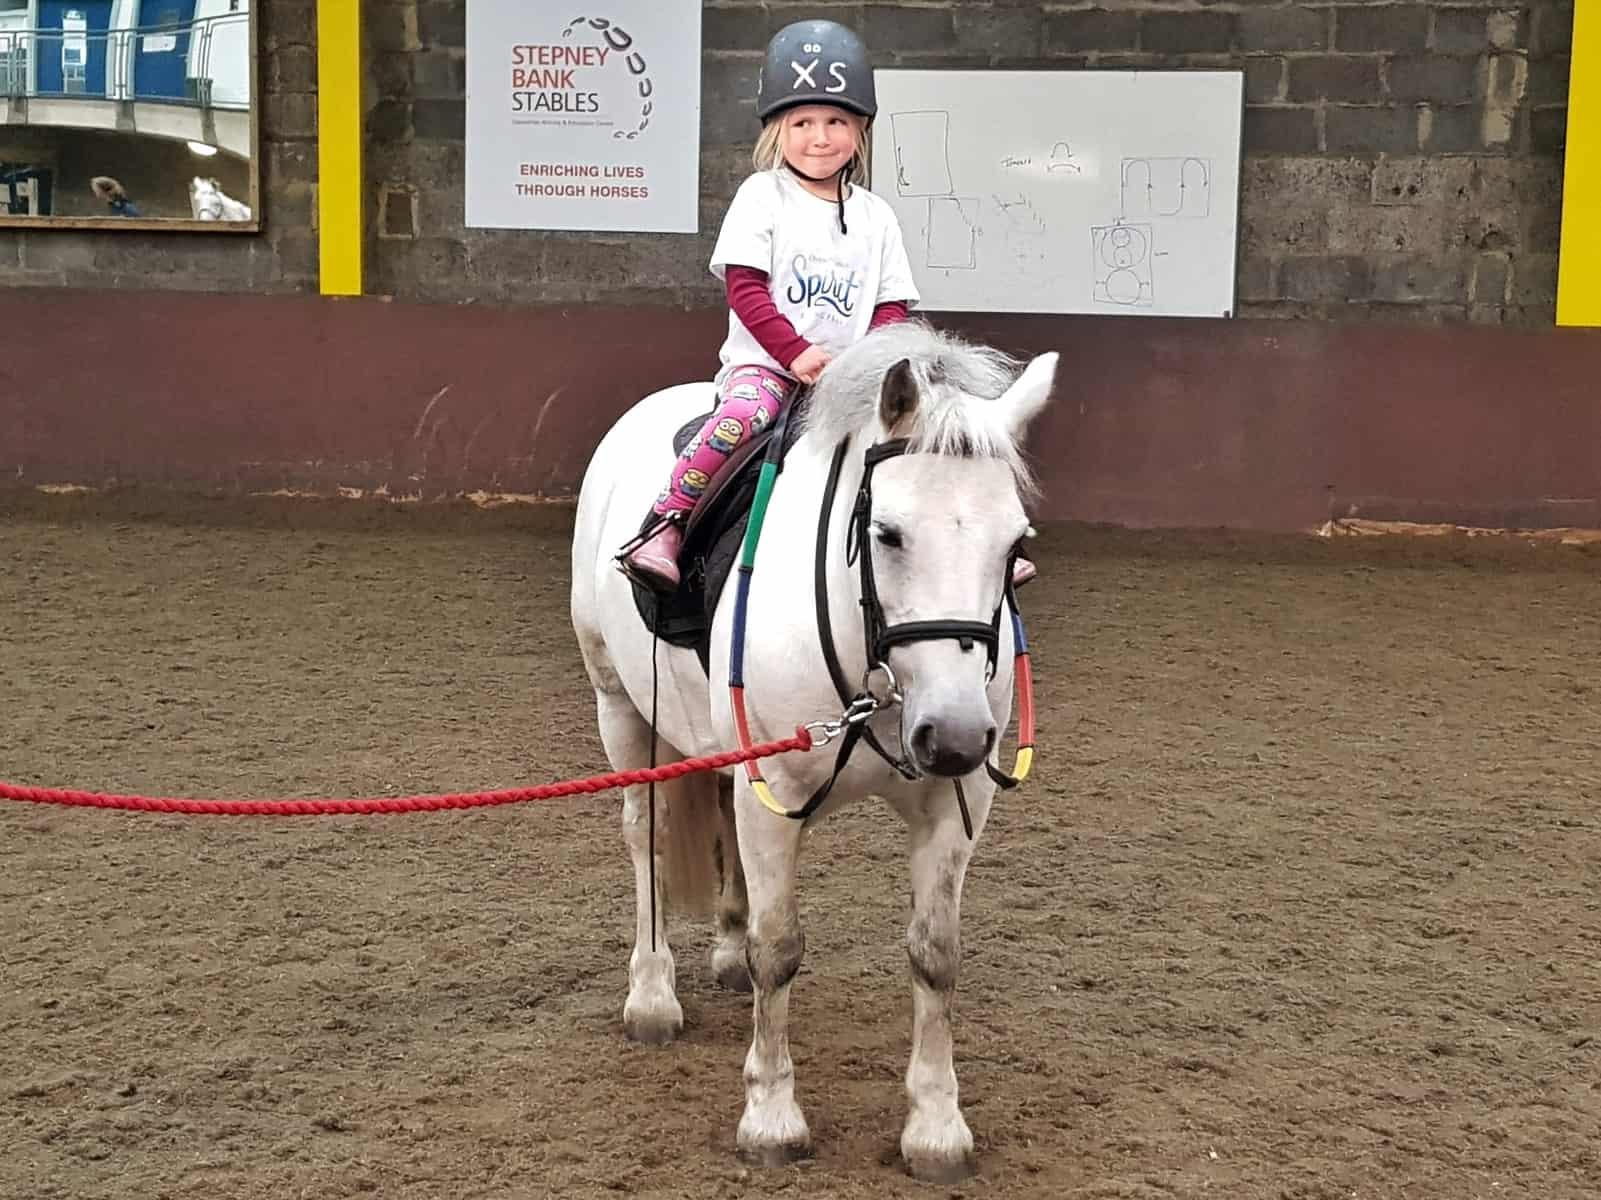 Spirit Riding Free Stable Sleepover girl on a white pony